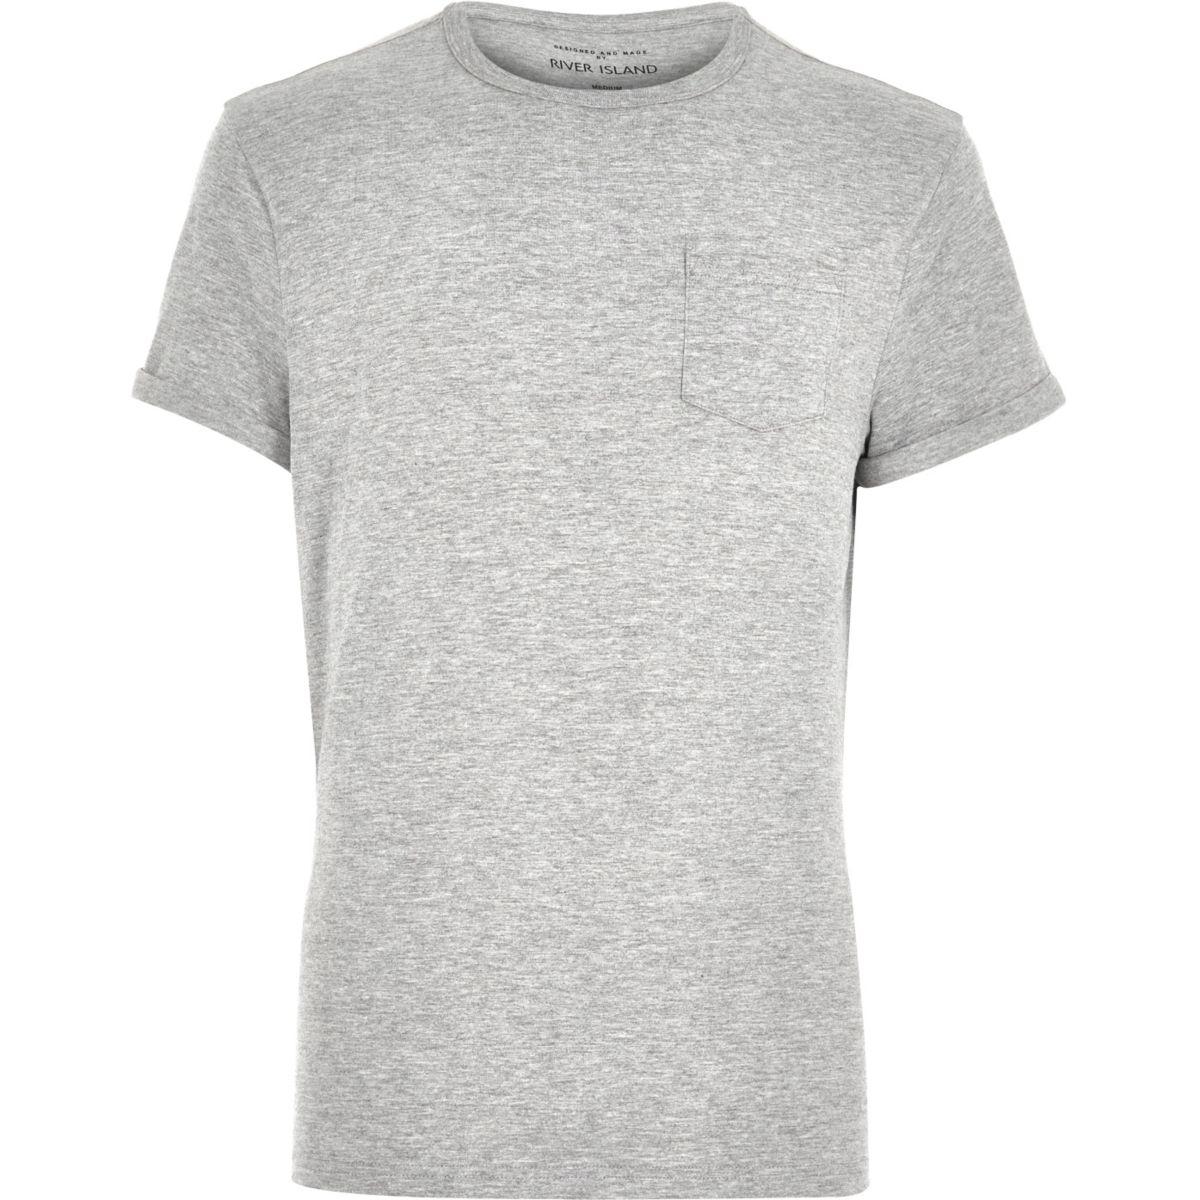 Grau meliertes T-Shirt mit Rollärmeln und Tasche